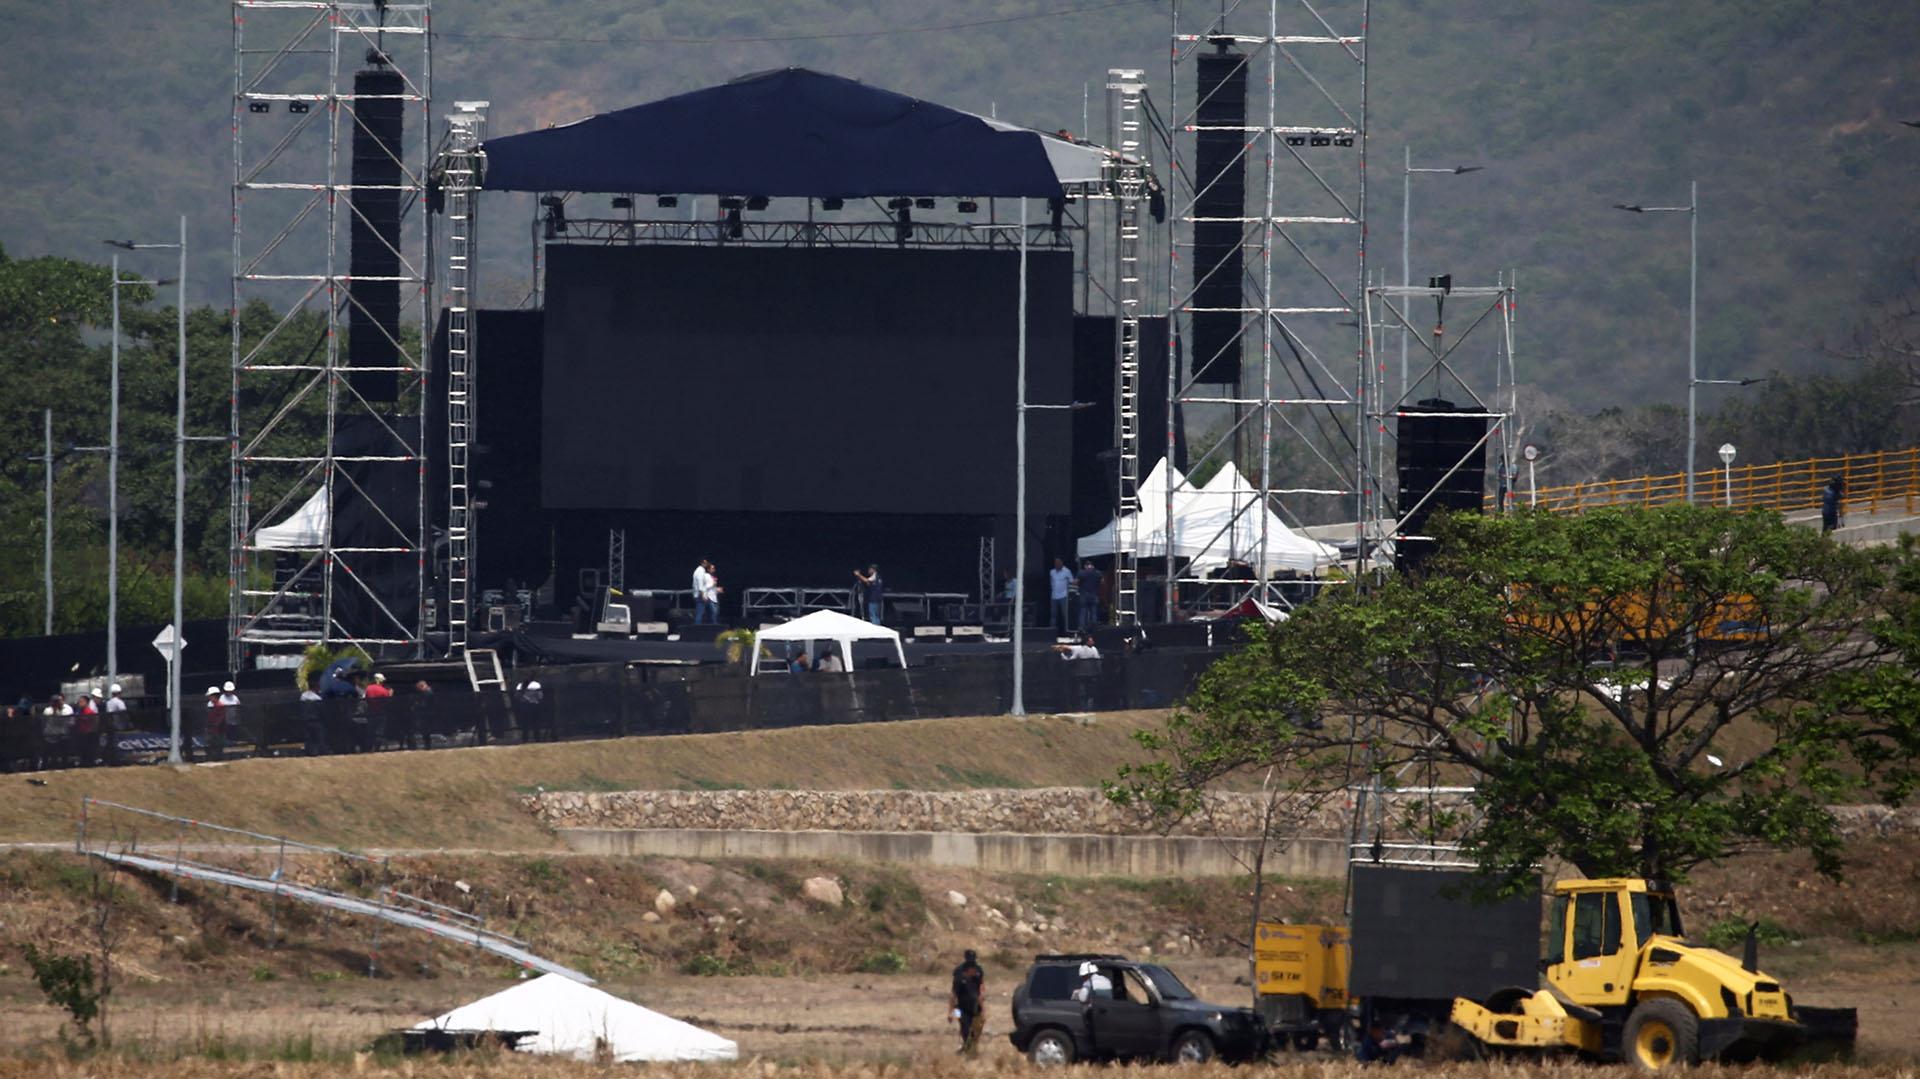 El escenario del concierto. (REUTERS/Edgard Garrido)